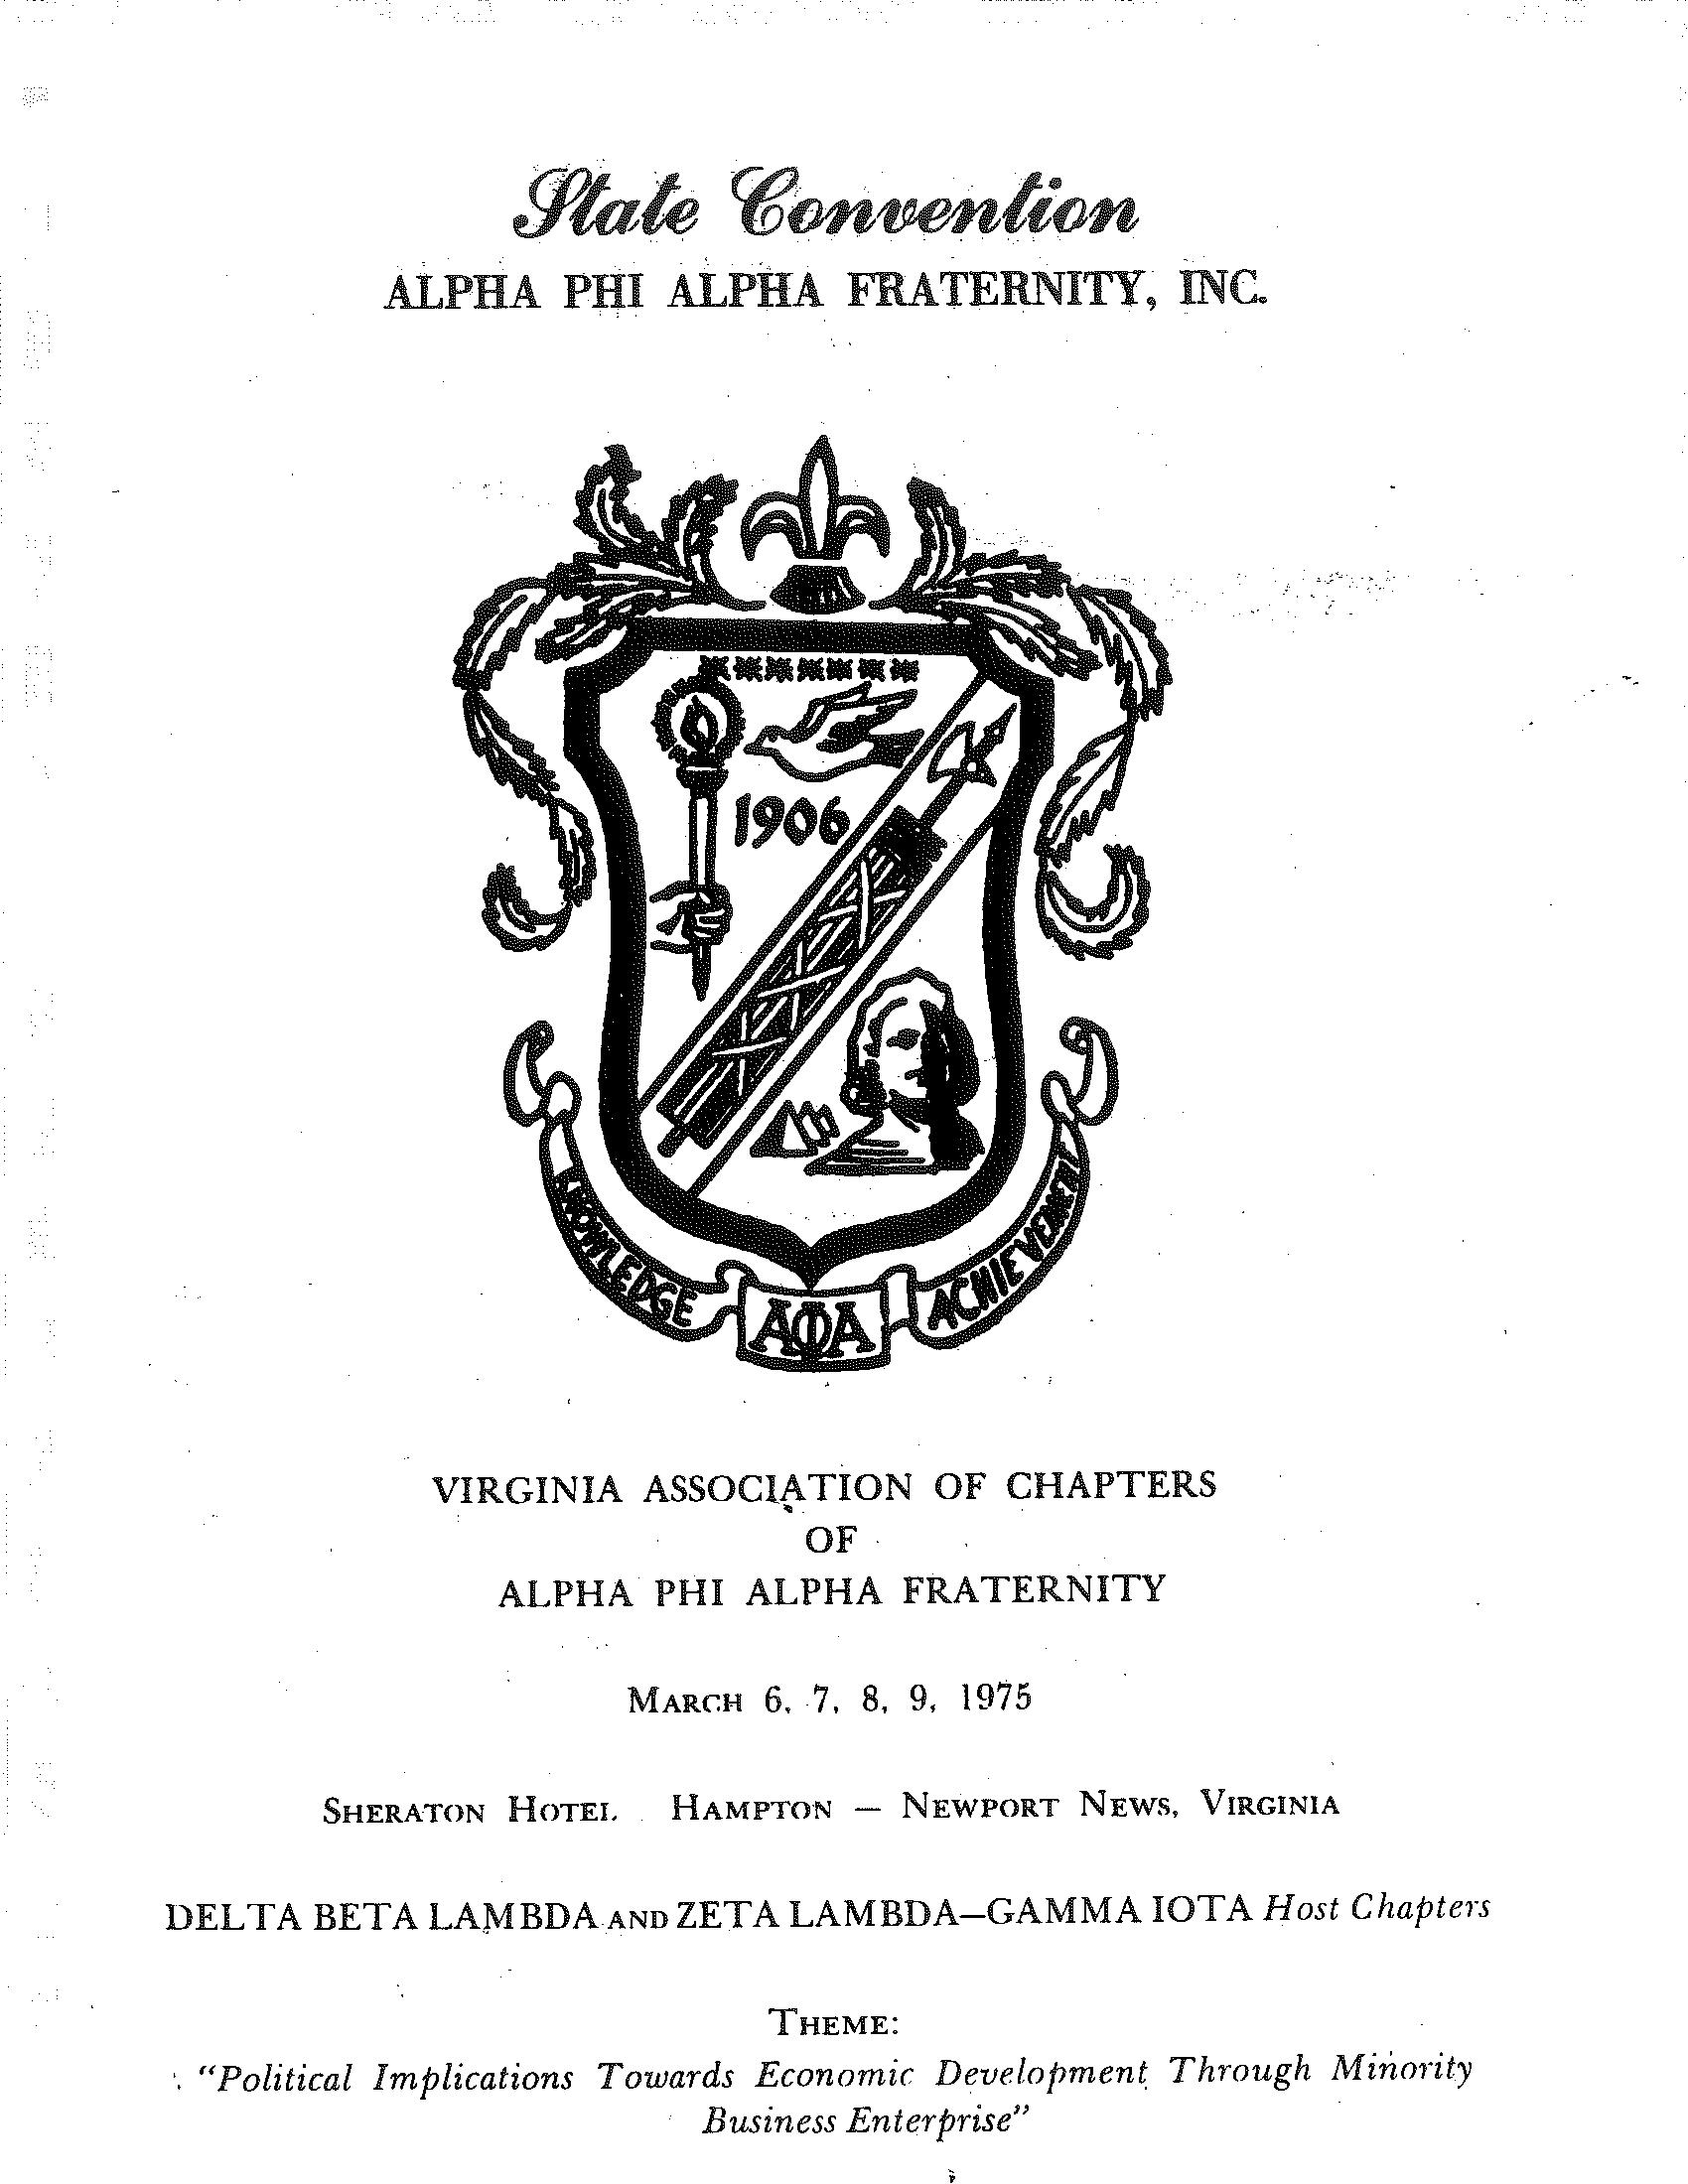 Zeta Lambda 1975 - Co Host VACAPAF Convention.png